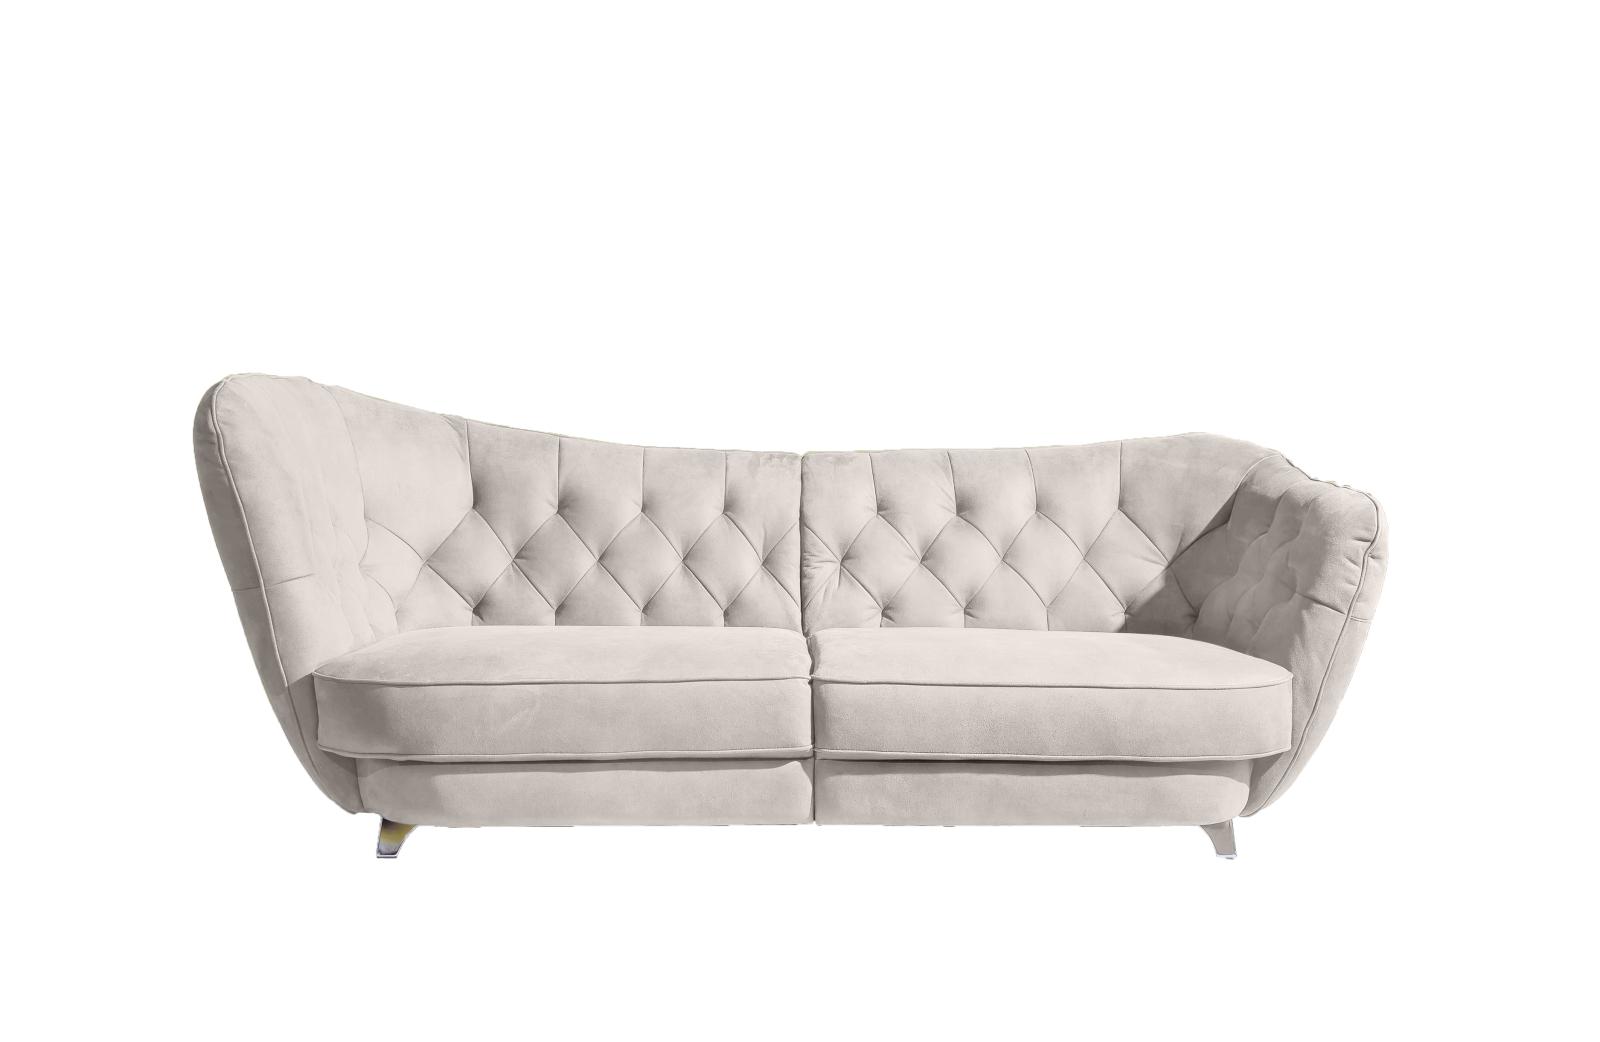 Full Size of Big Sofa Roller Sam Couch L Form Toronto Rot Bei Arizona Kolonialstil Grau Snow Retro Links Online Kaufen Rundes Stoff Ligne Roset Rattan Jugendzimmer Bunt Wohnzimmer Big Sofa Roller